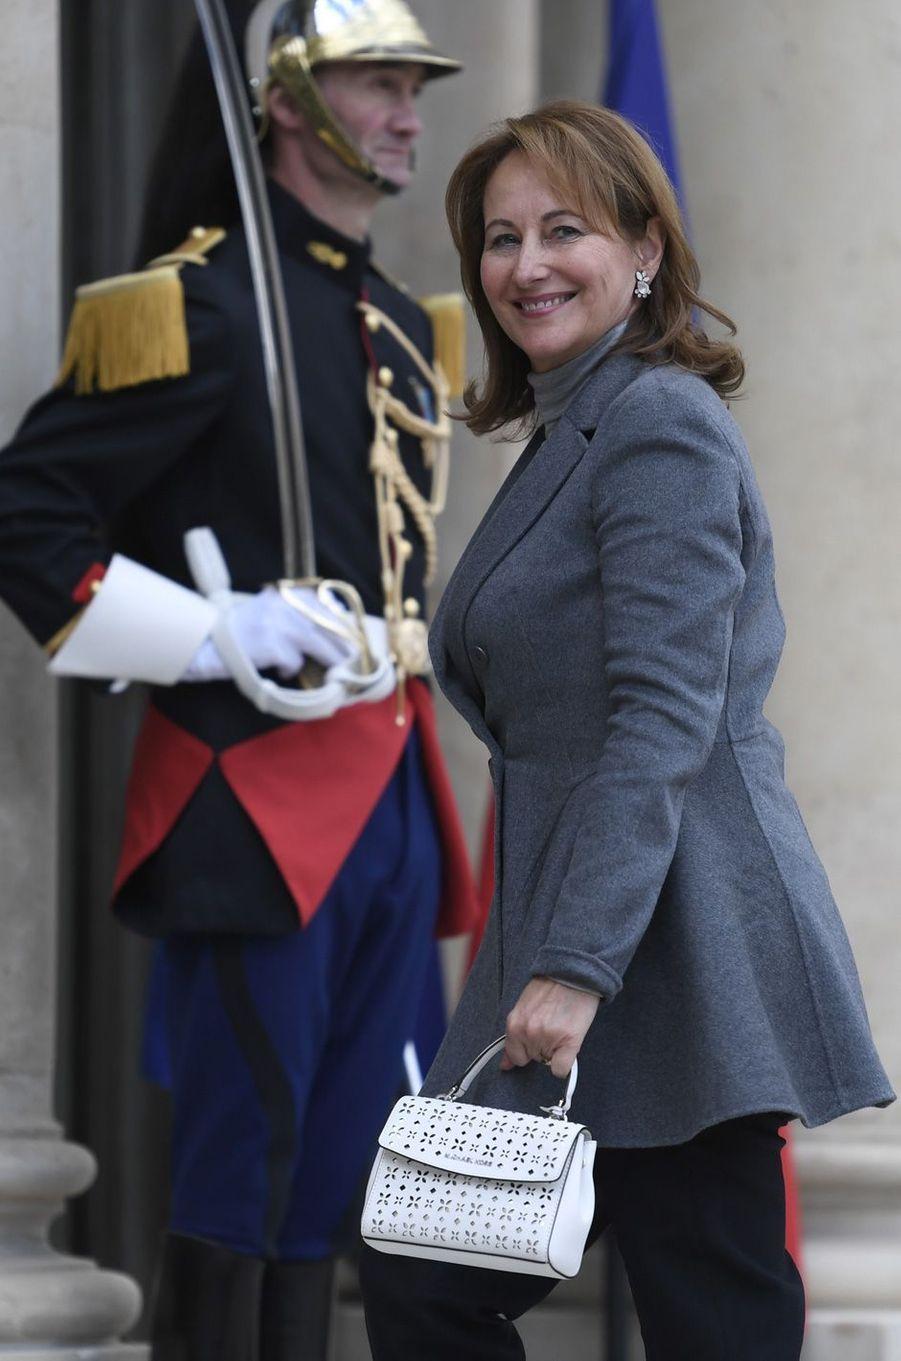 La ministre de l'Environnement Ségolène Royal à l'Elysée, le 2 mai 2017.